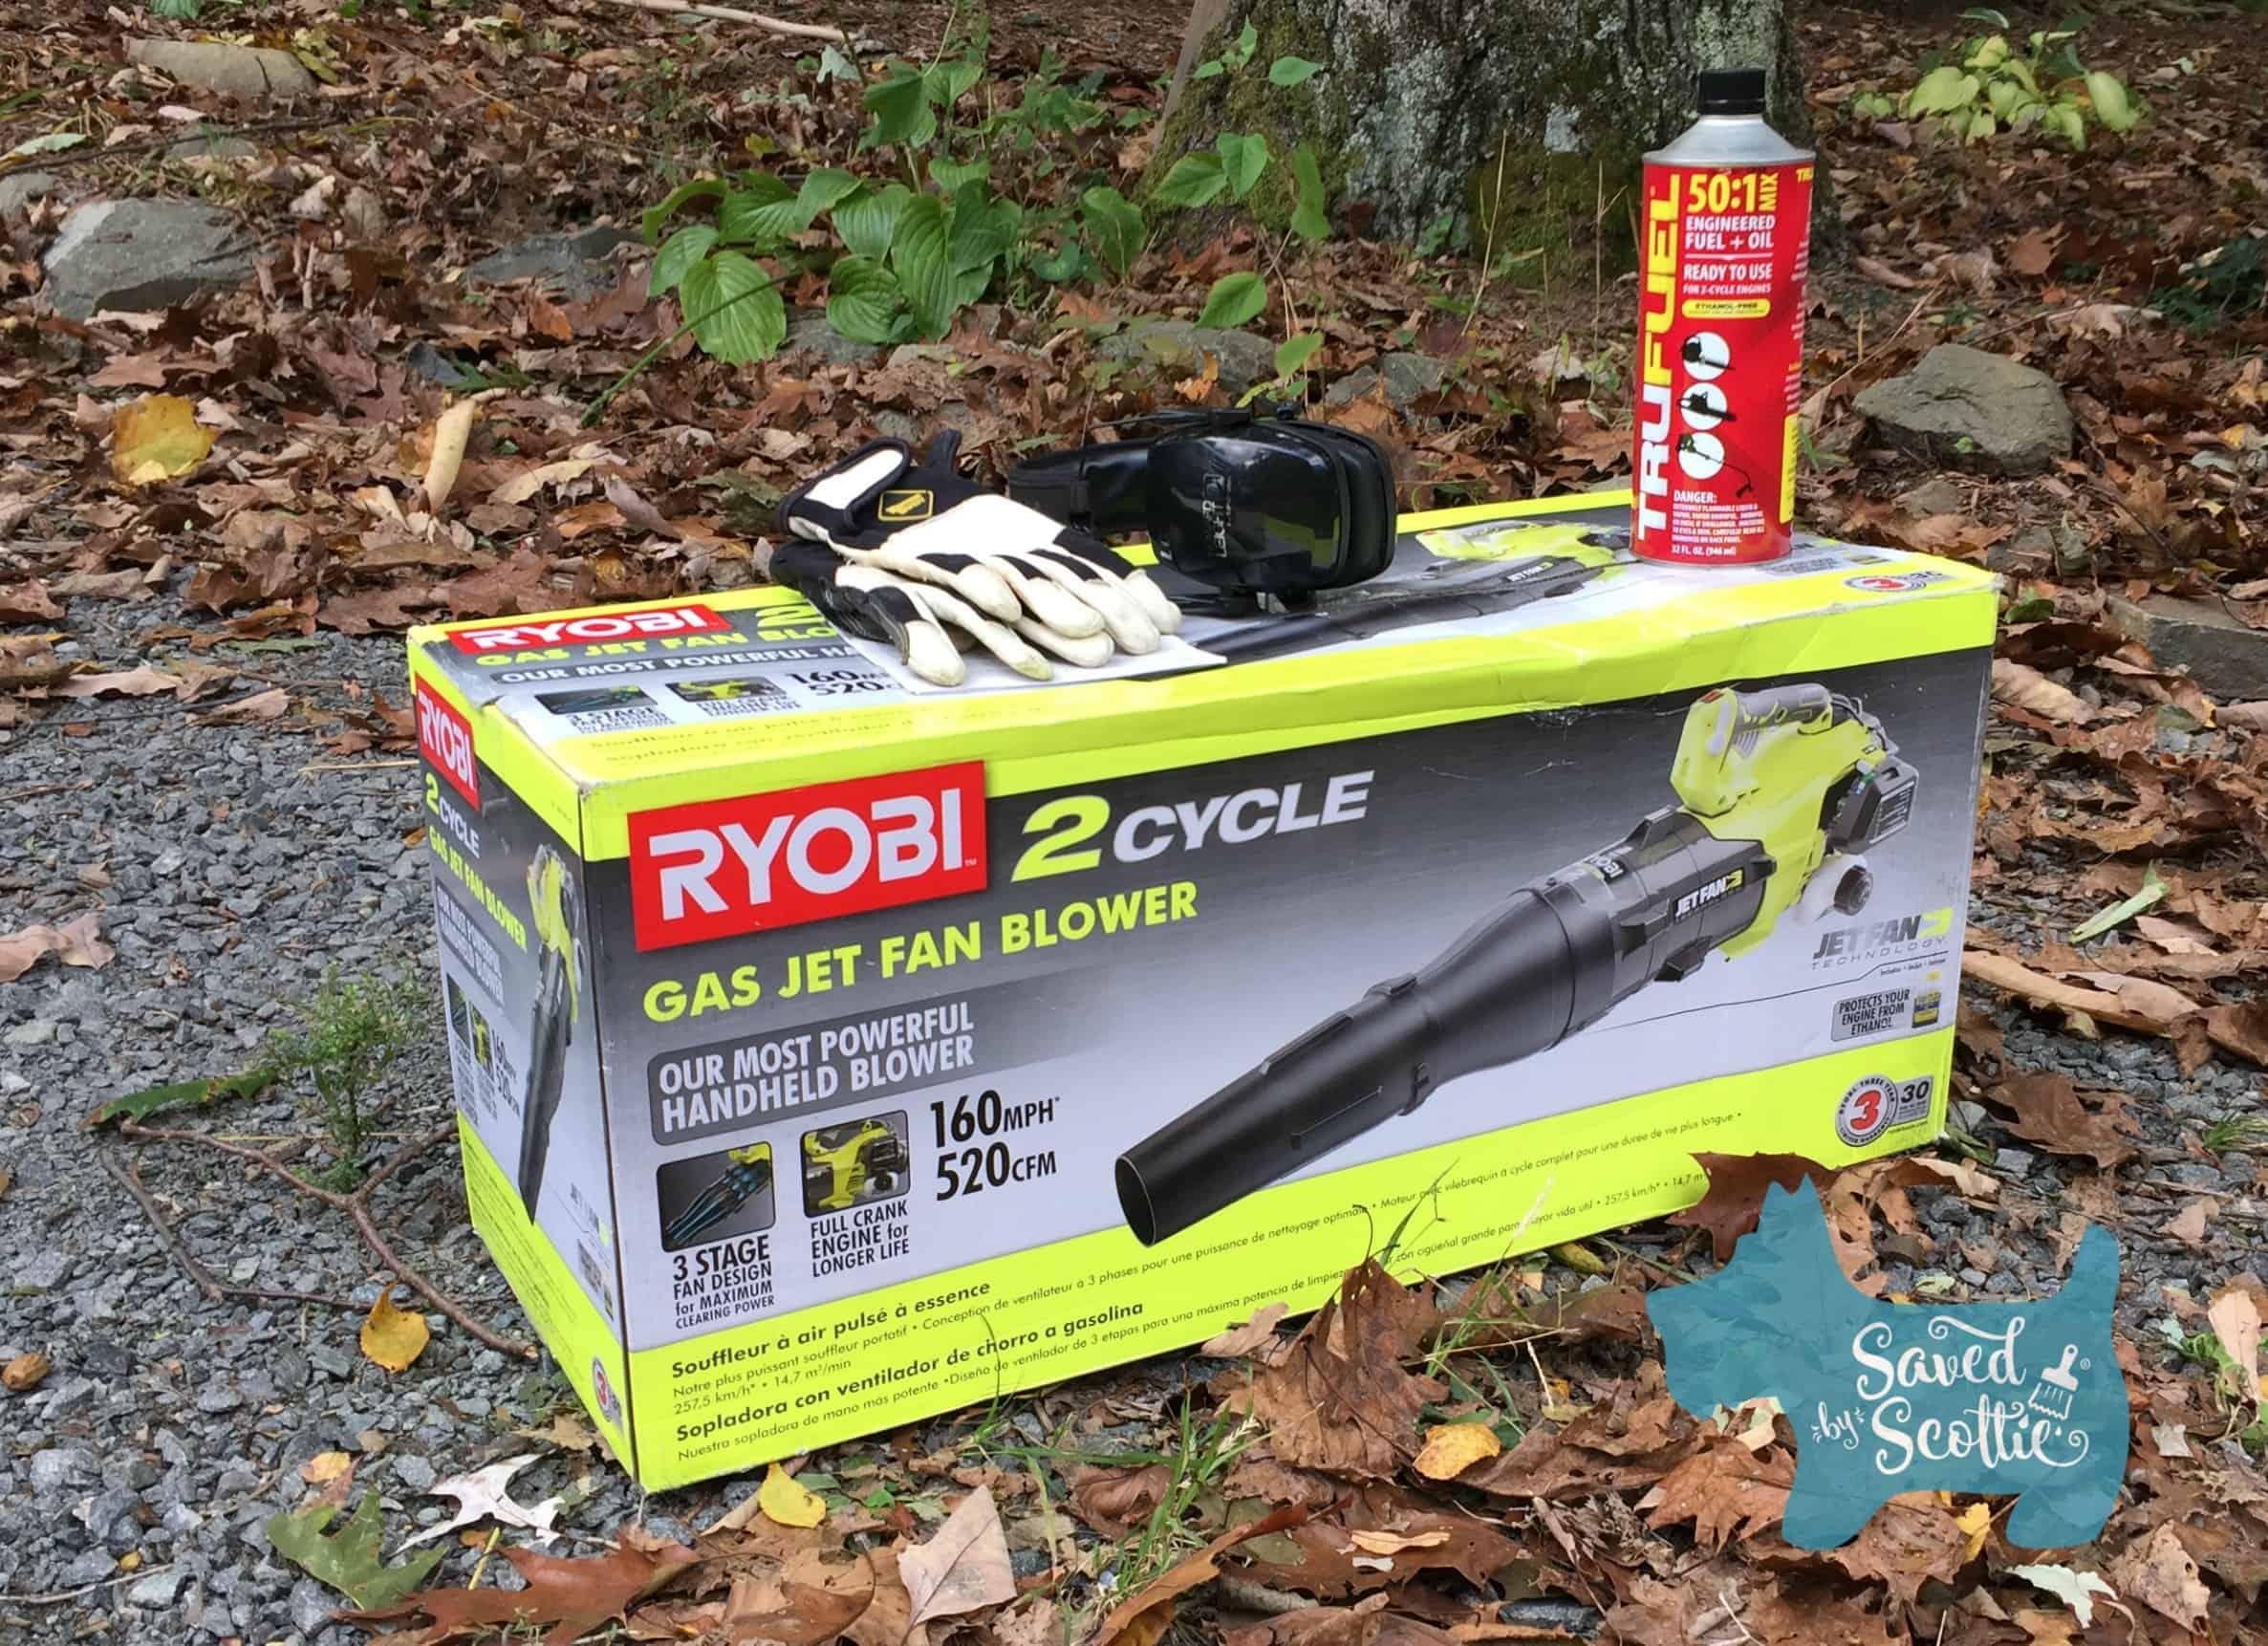 Most Powerful Bathroom Fan : Ryobi cycle gas jet fan blower review saved by scottie